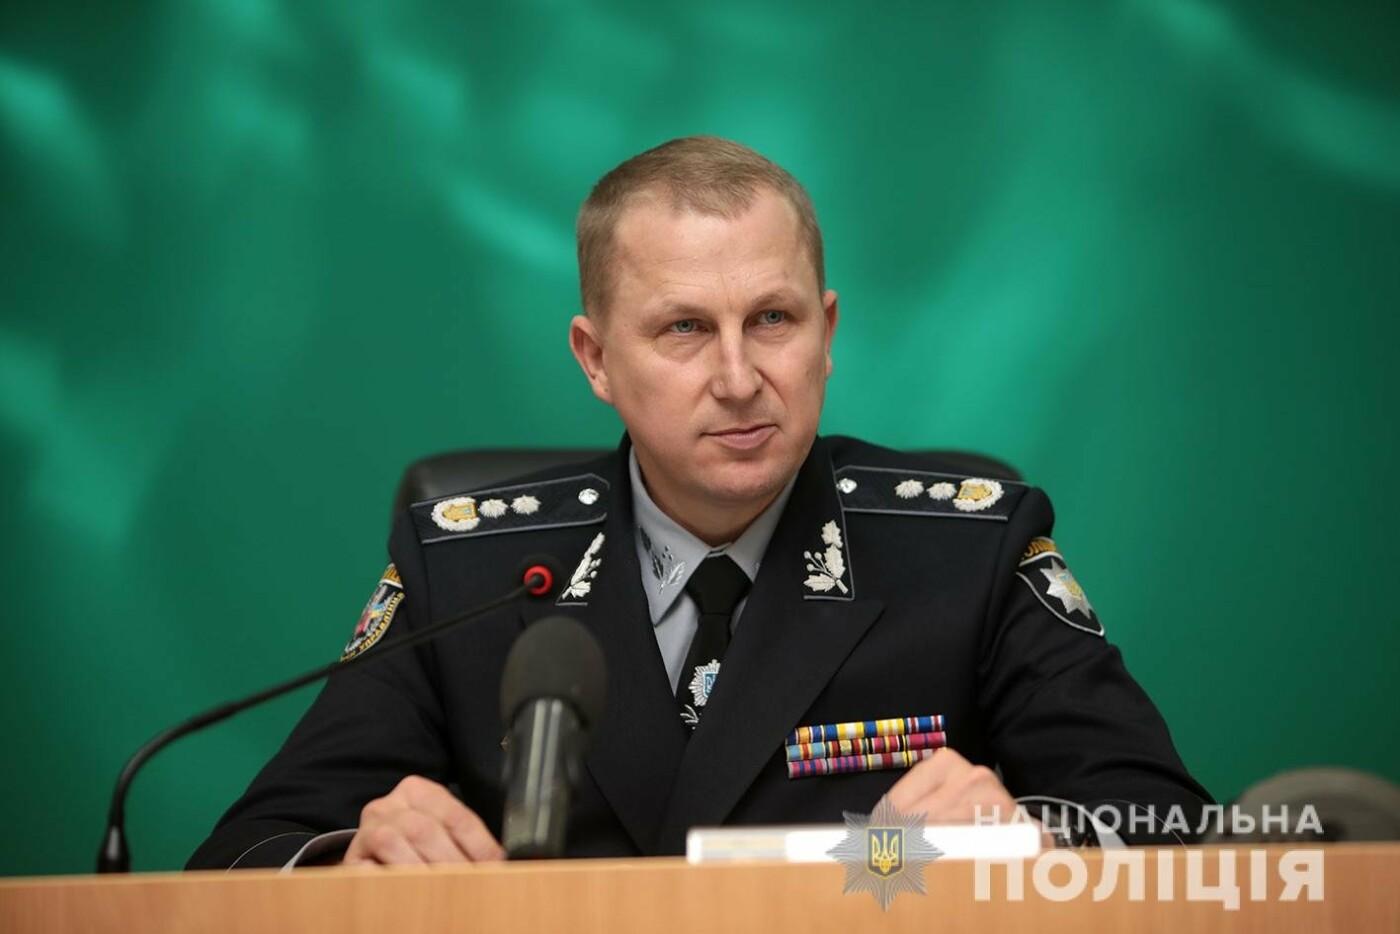 Аброськин представил нового руководителя полиции Днепропетровской области, - ФОТО, фото-3